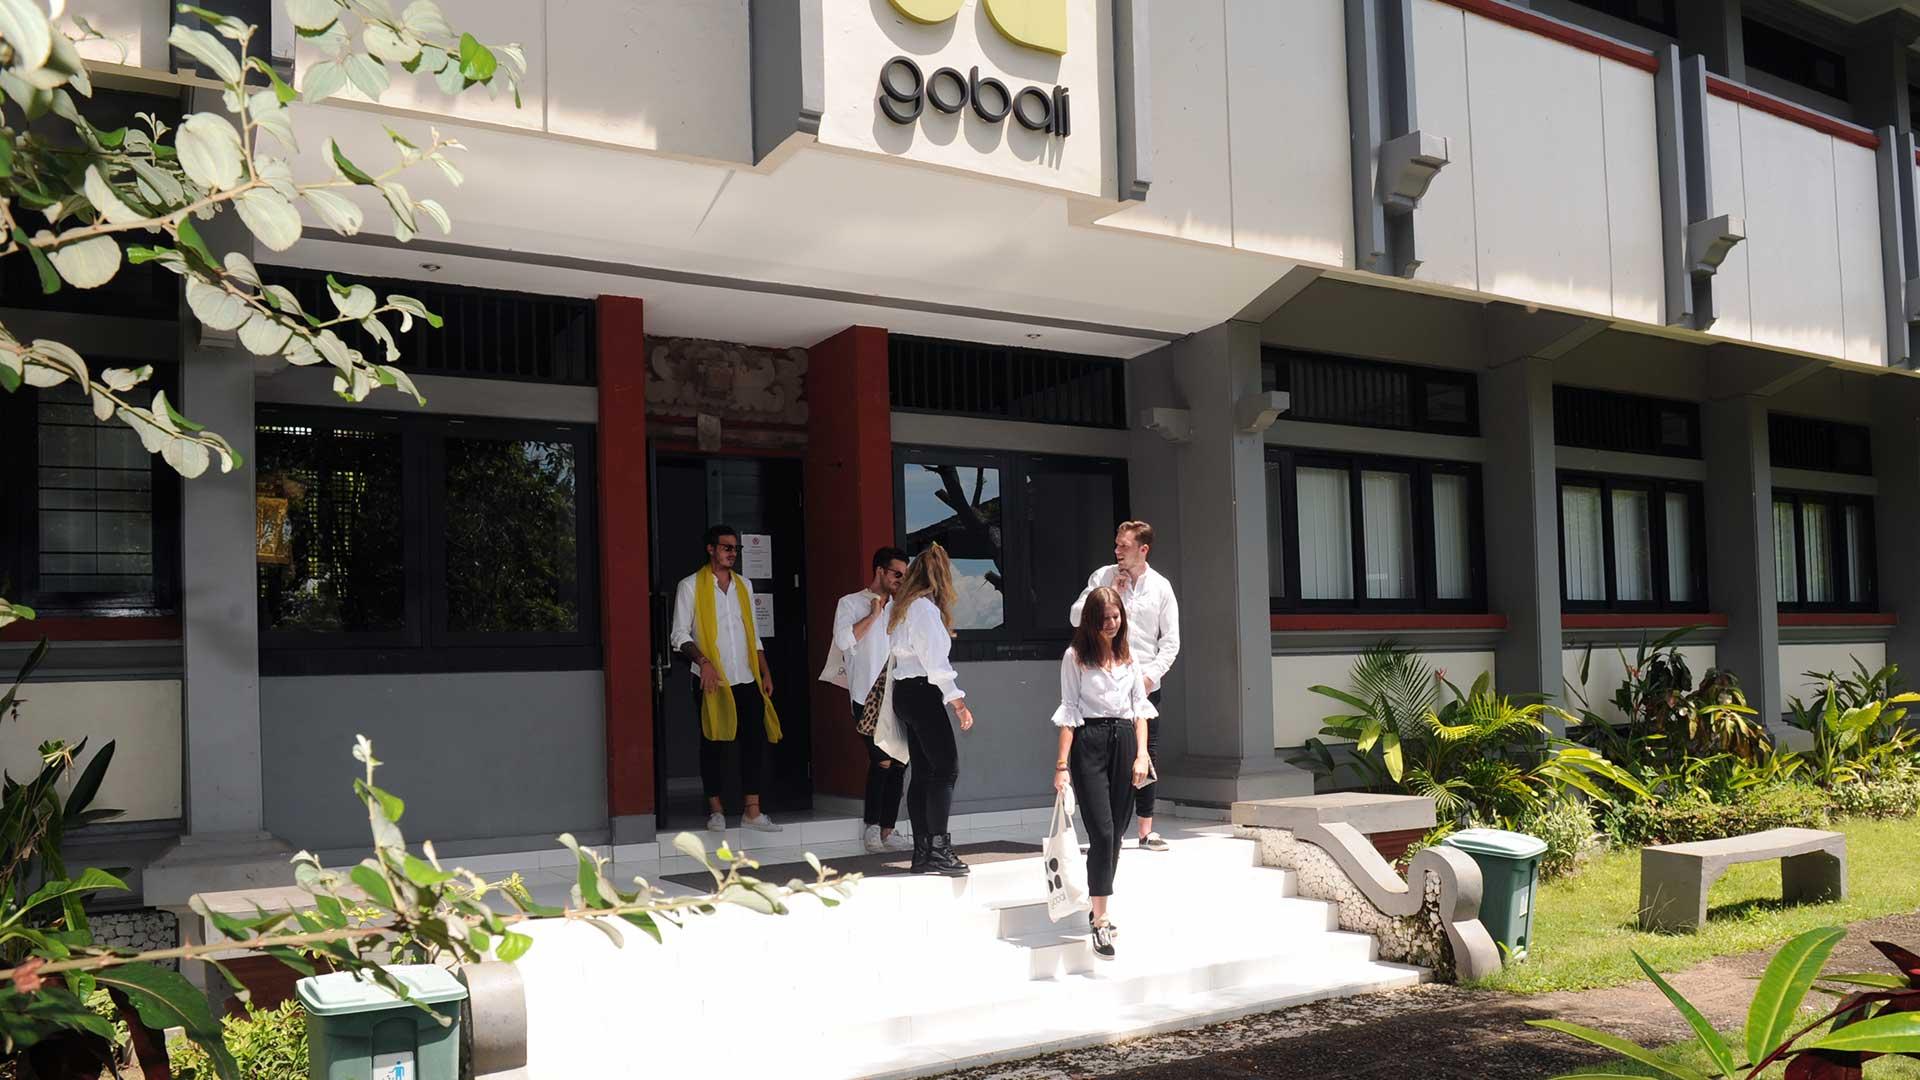 GoBali Udayana University Campus